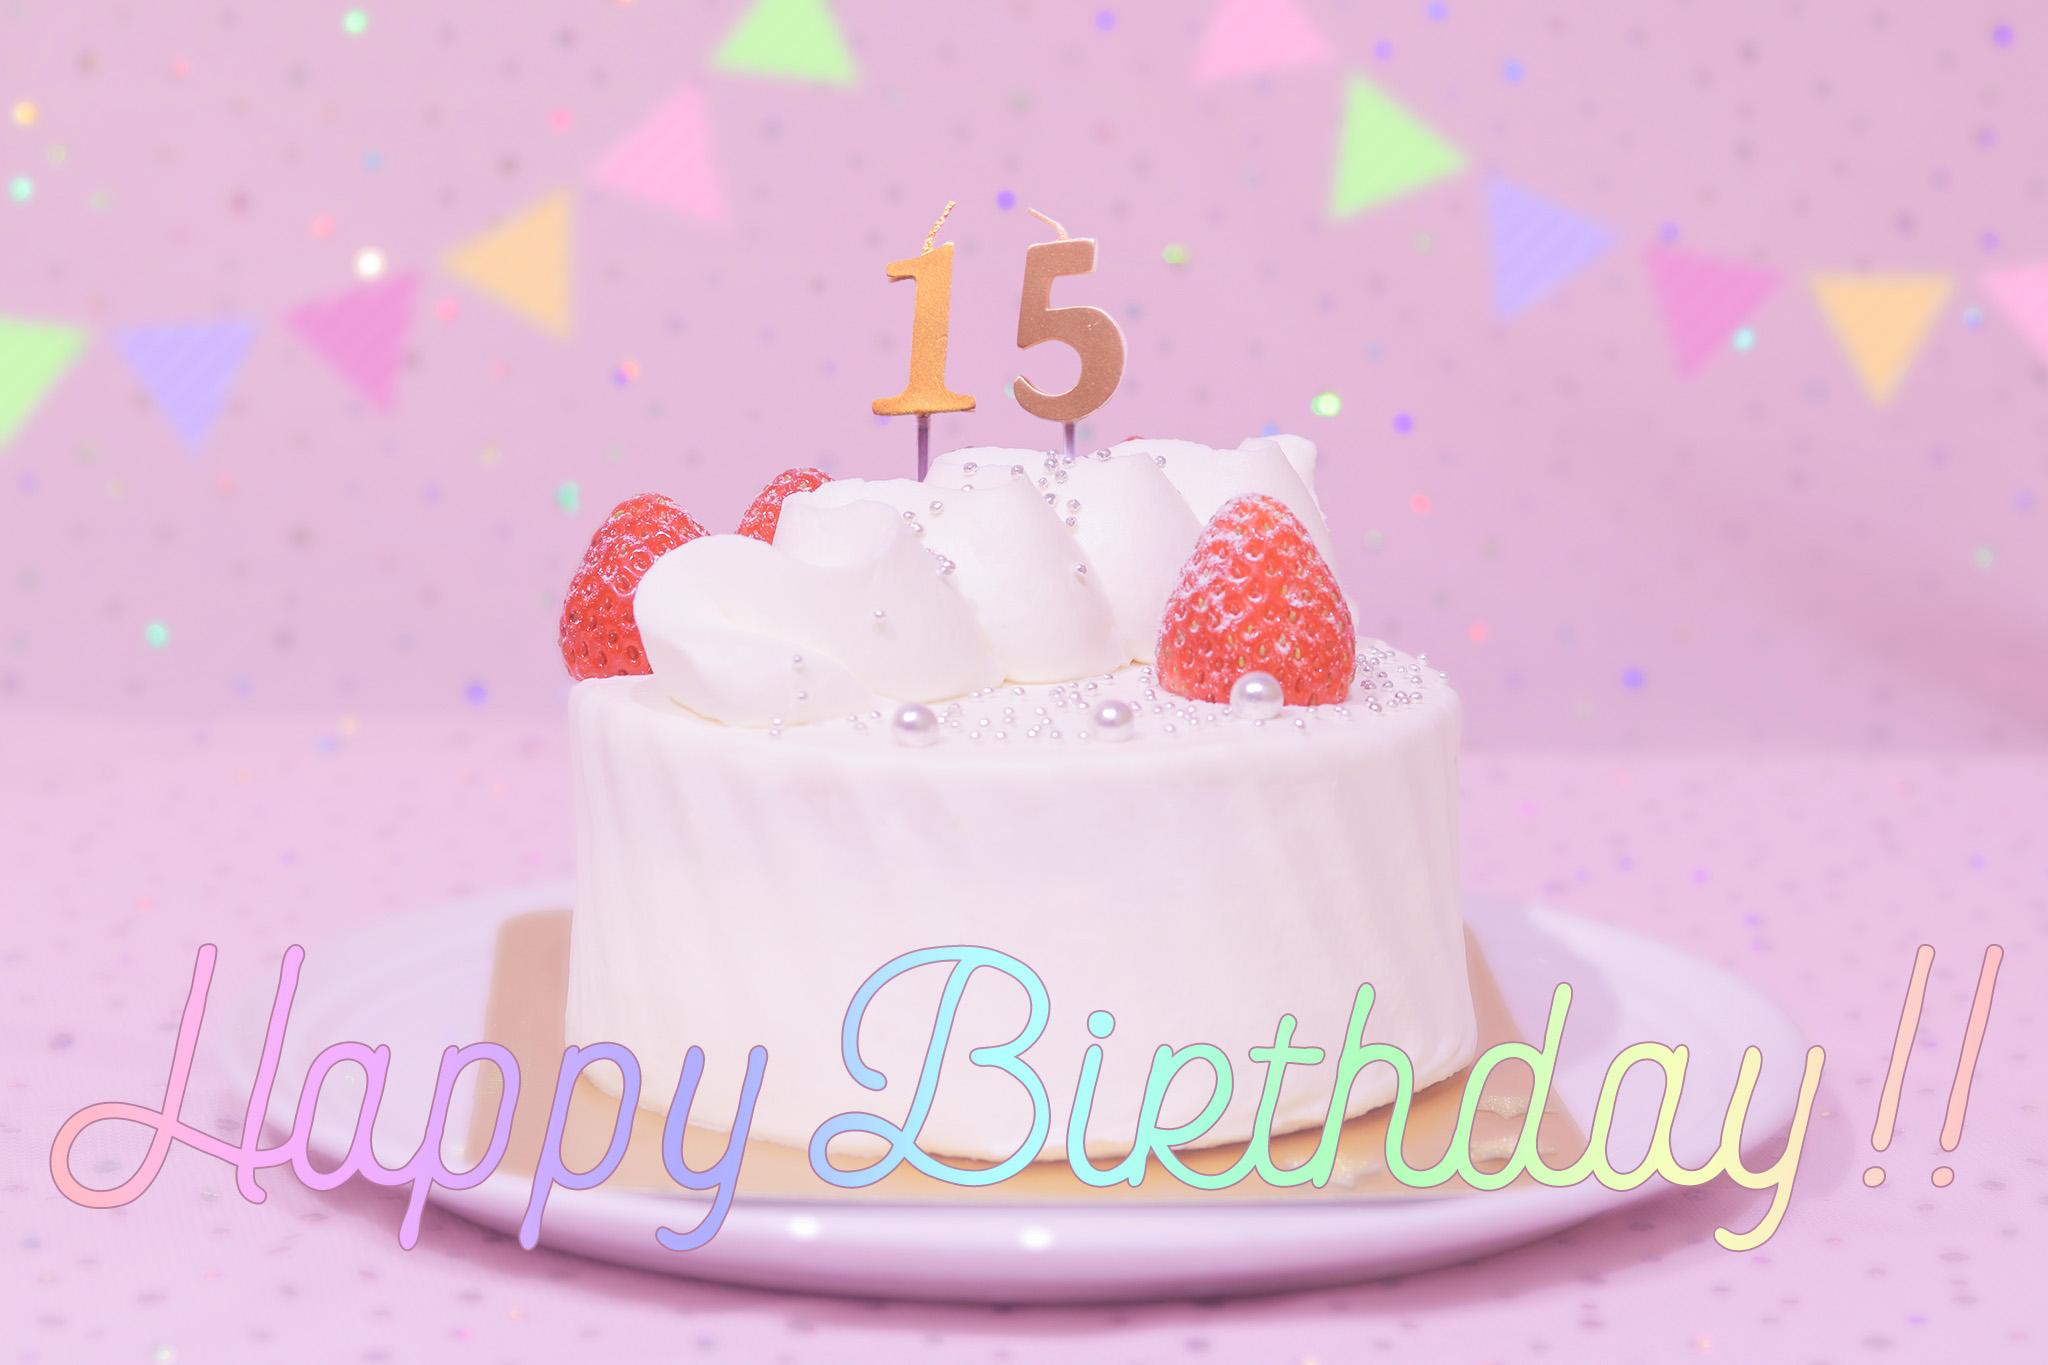 赤穂華のwiki風プロフィール!誕生日、出身、身長、学歴、家族構成も1